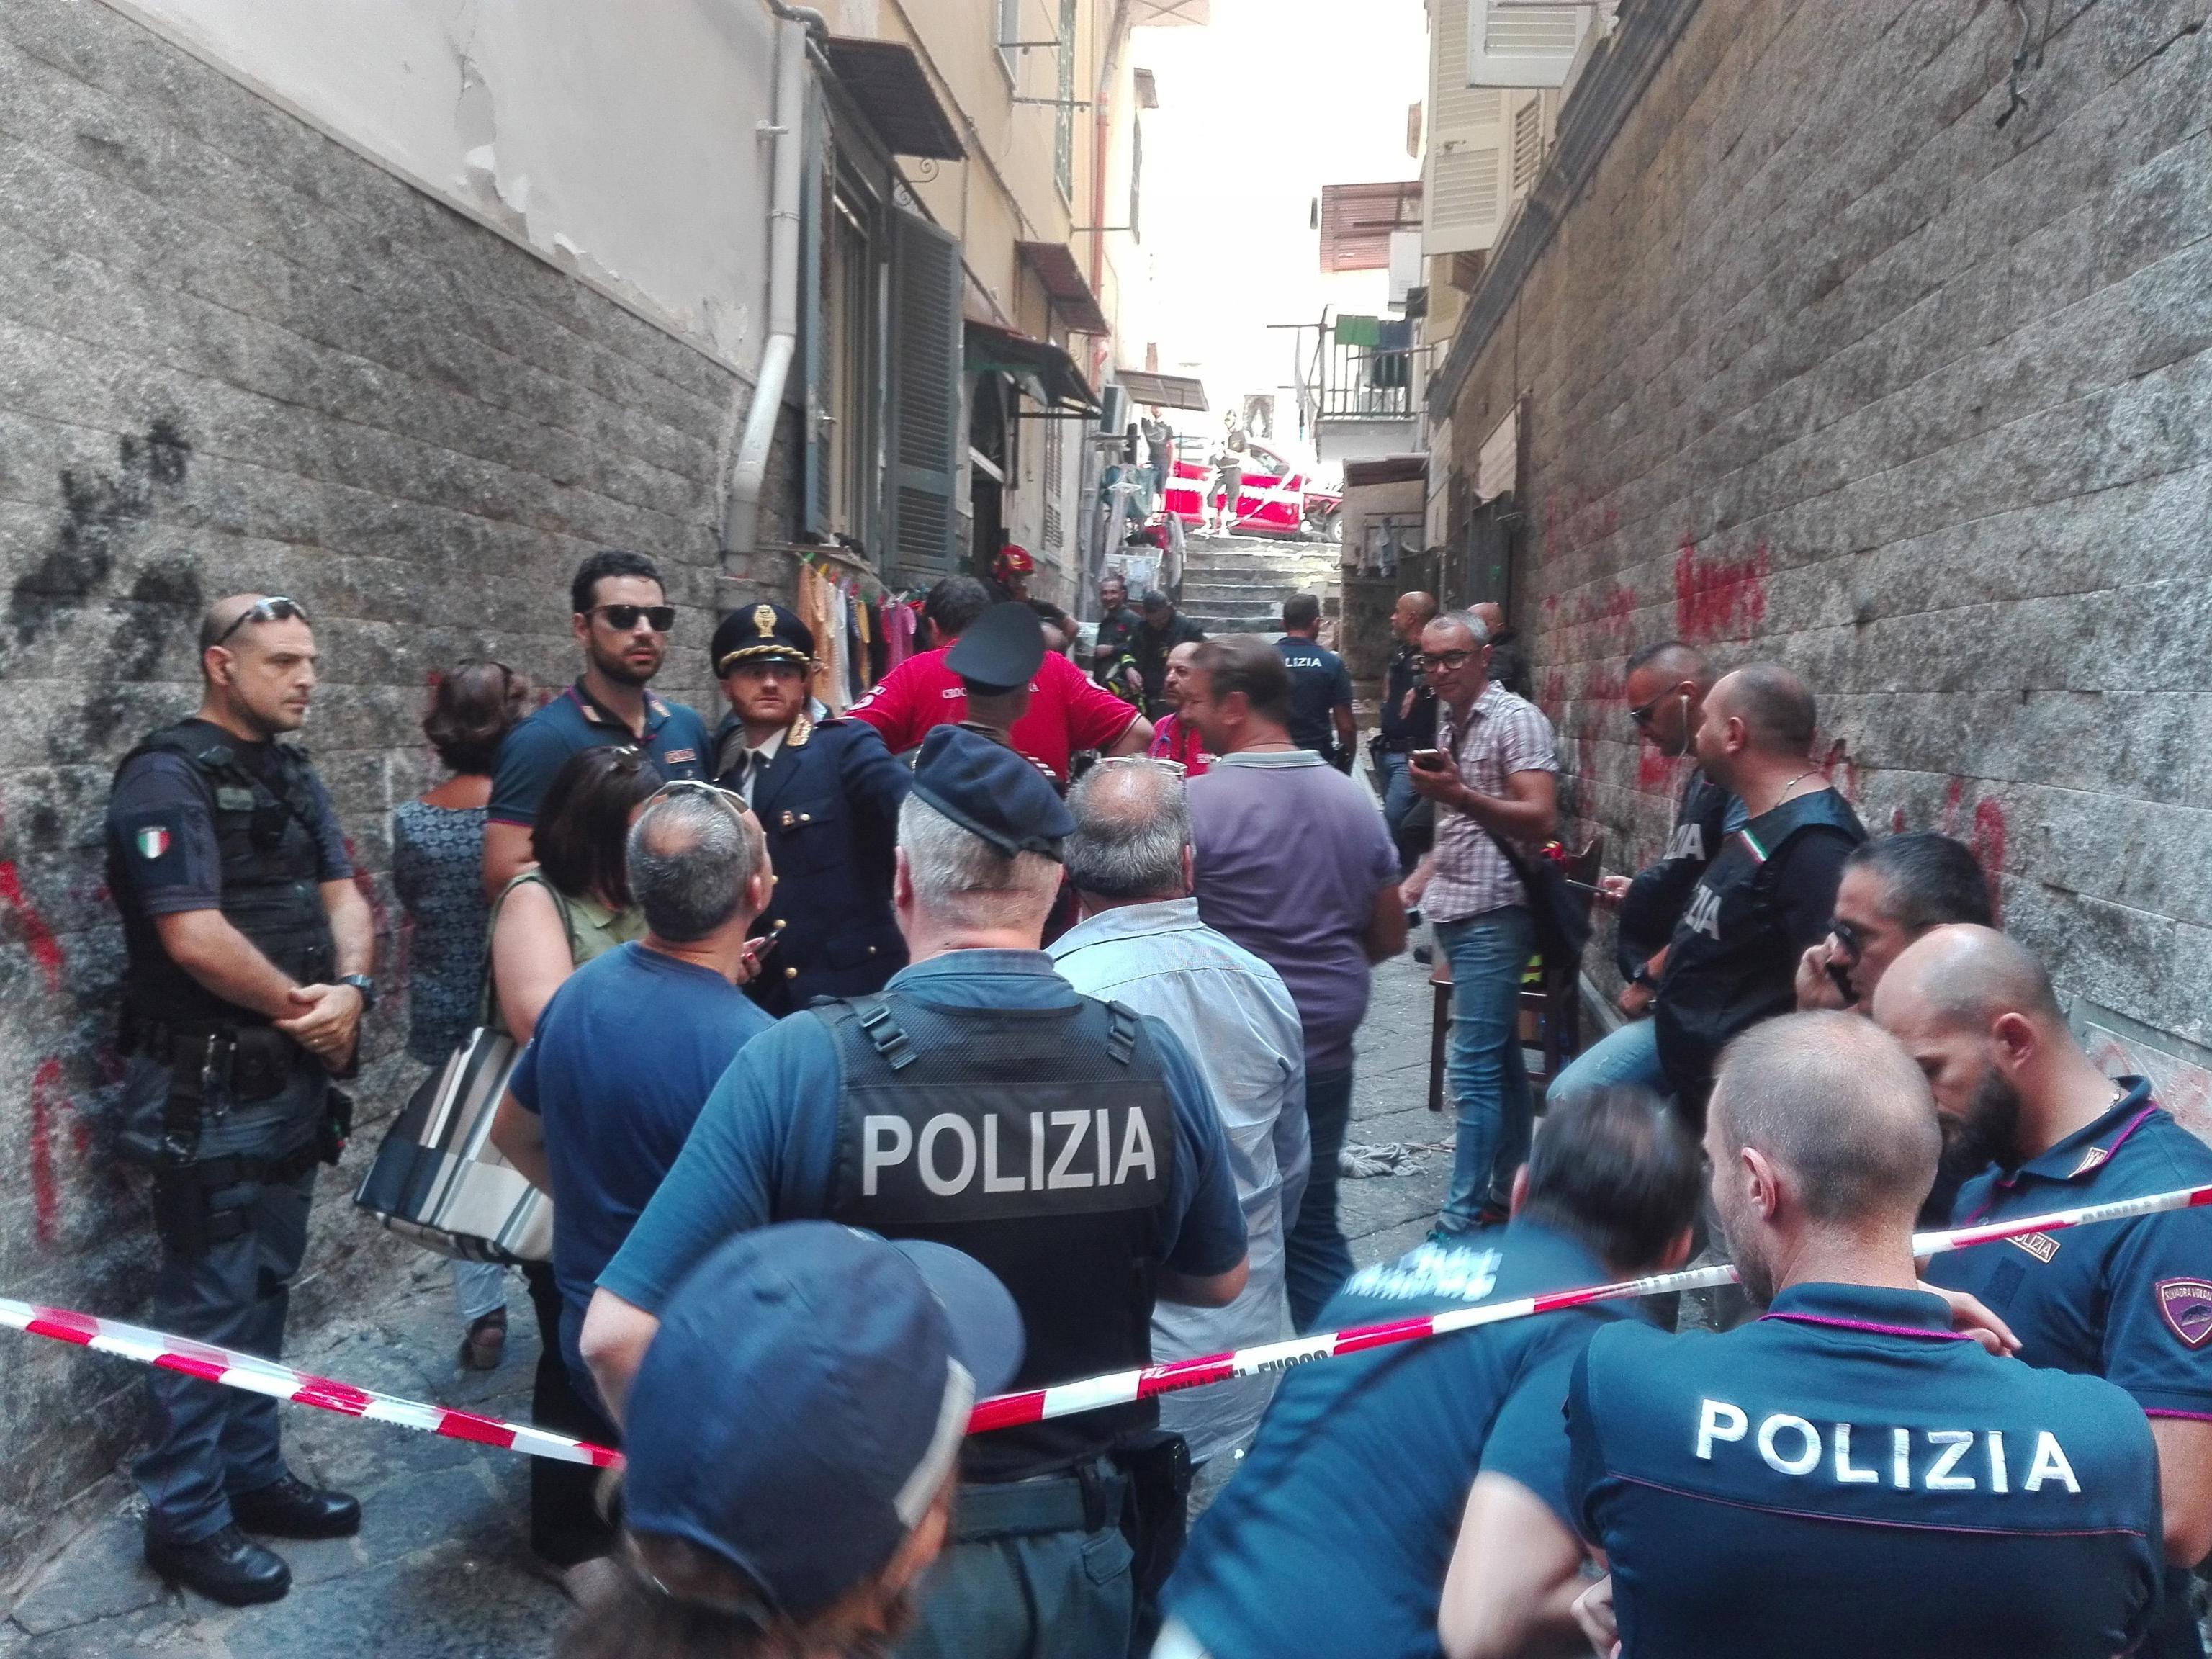 Napoli esplosione nei quartieri spagnoli: un morto e due feriti